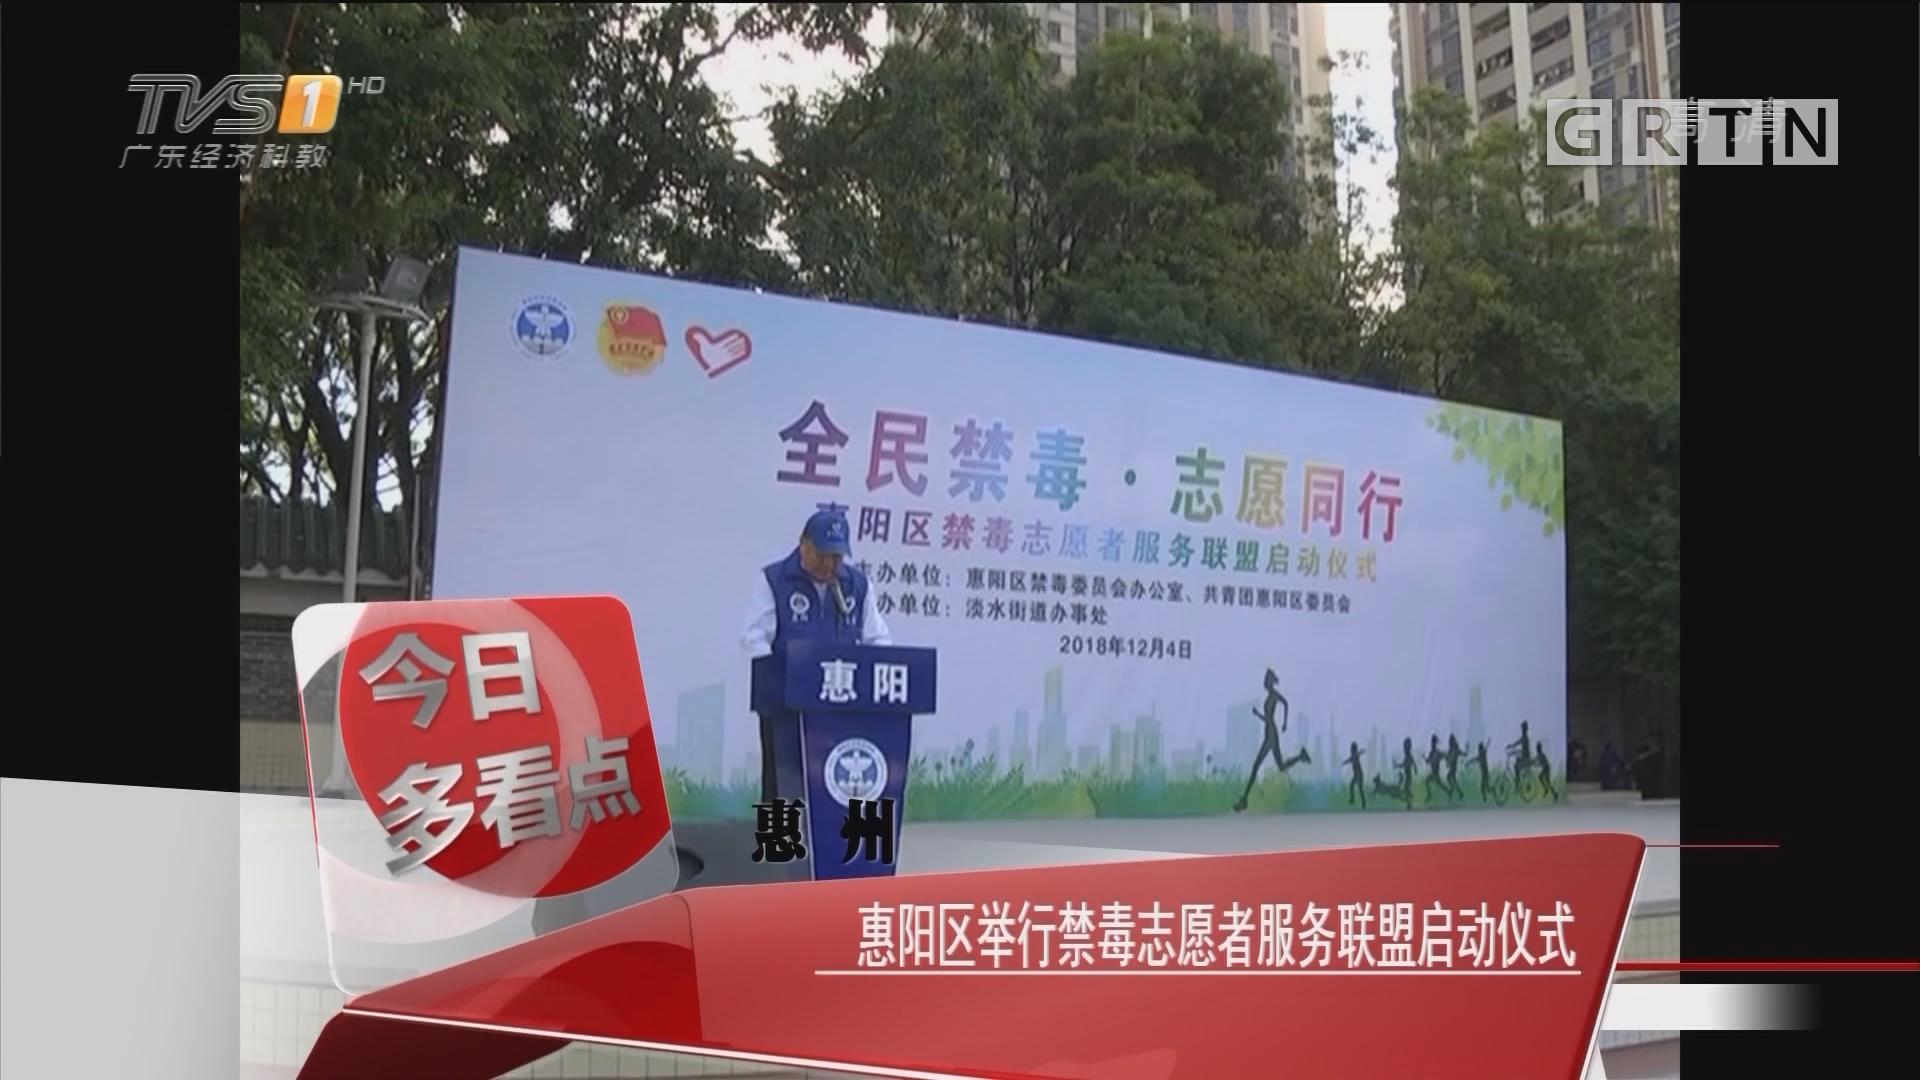 惠州:惠阳区举行禁毒志愿者服务联盟启动仪式